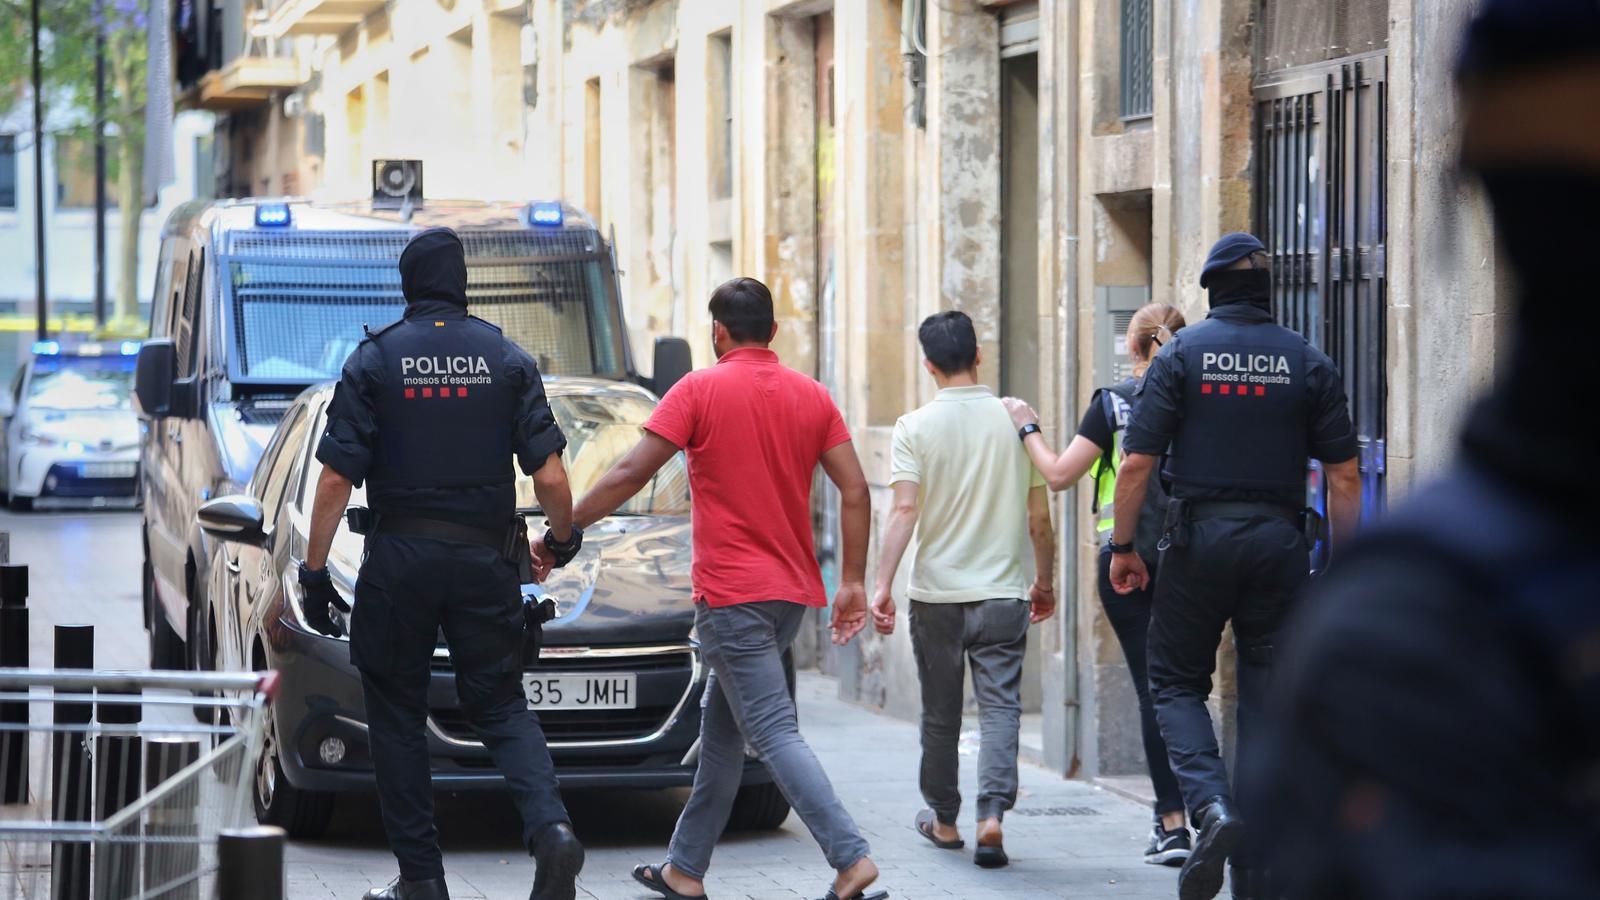 Macrobatuda al Raval: 54 detinguts, 105 identificats i mil agents desplegats contra els llauners de la droga